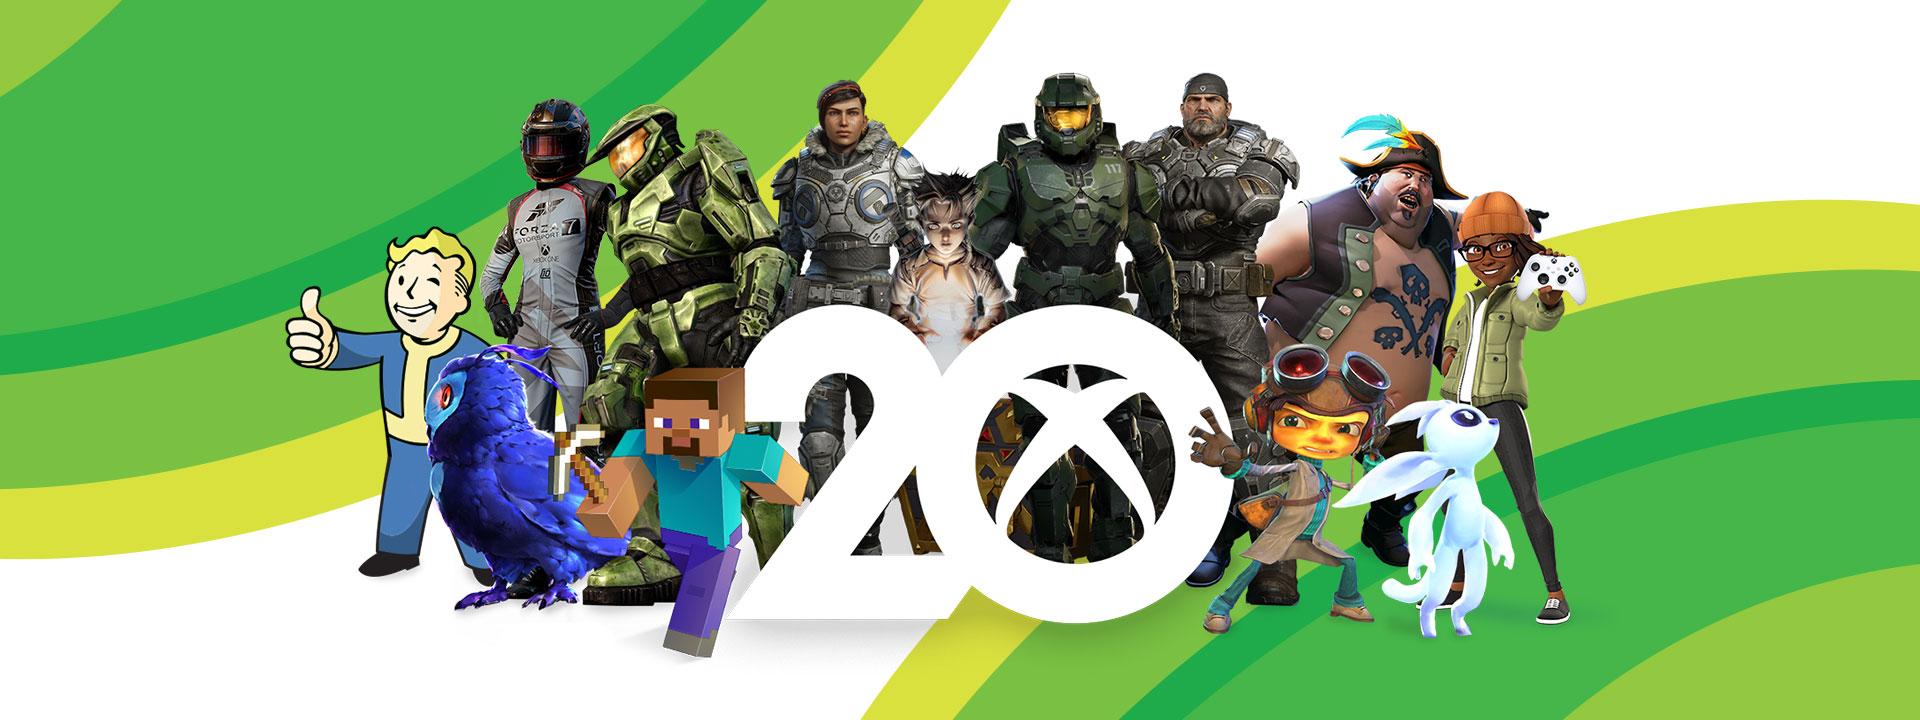 20 sayısının içinde gömülü Xbox bağlantı logosunun etrafında bulunan ikonik oyun karakterlerinden oluşan bir koleksiyon